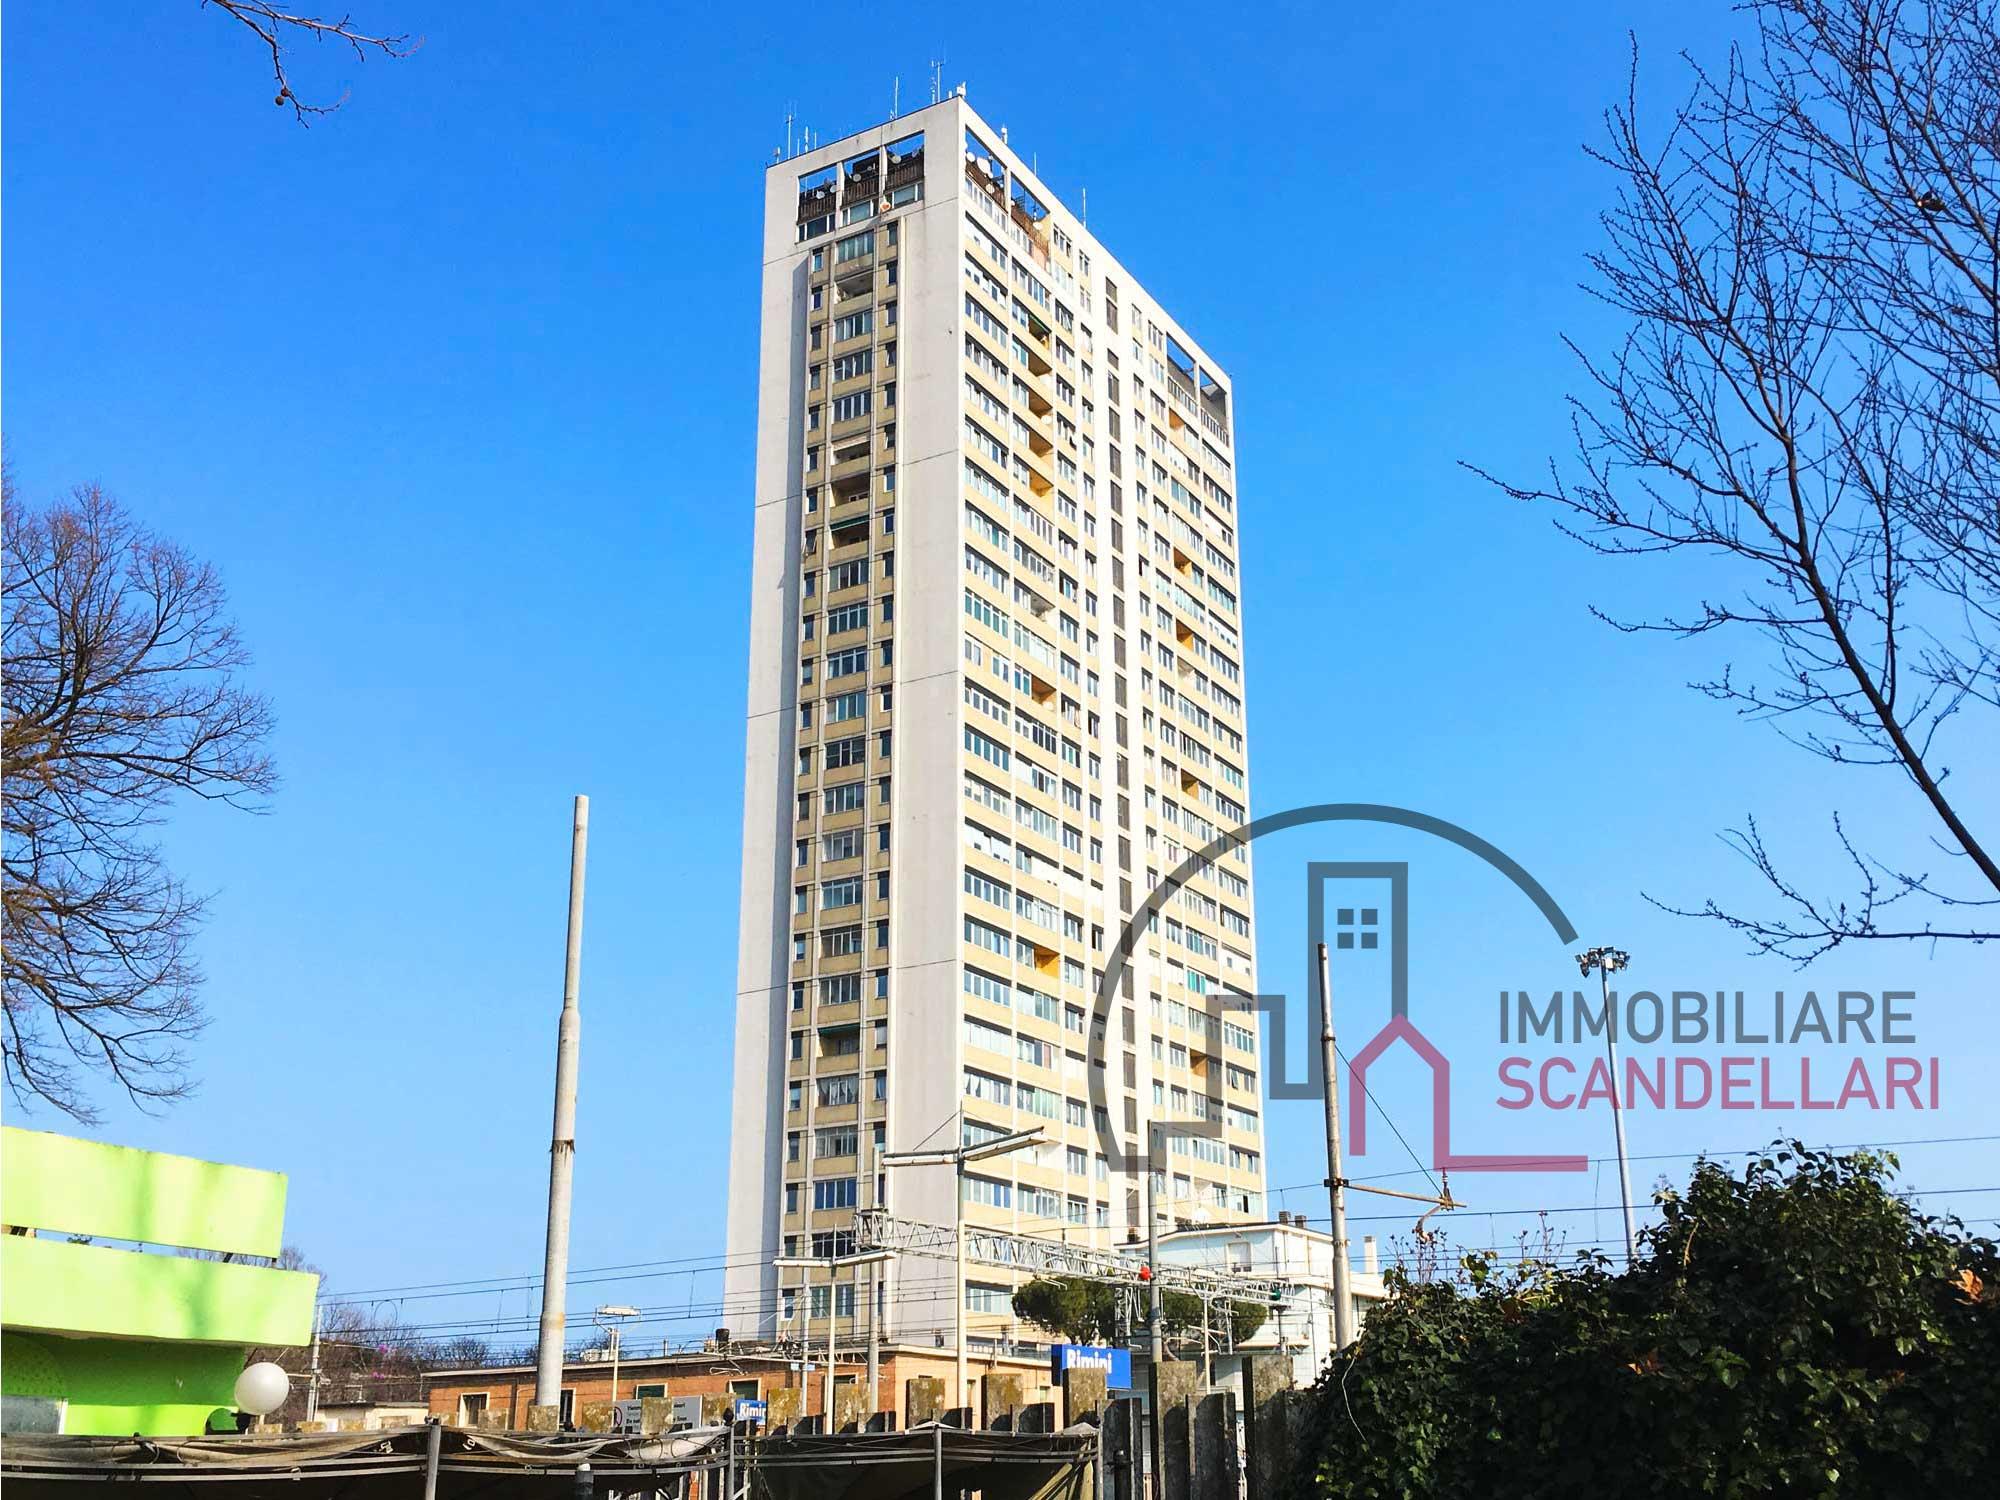 Rimini Grattacielo - Appartamento 110 mq vista mare piano alto - Immobiliare Scandellari